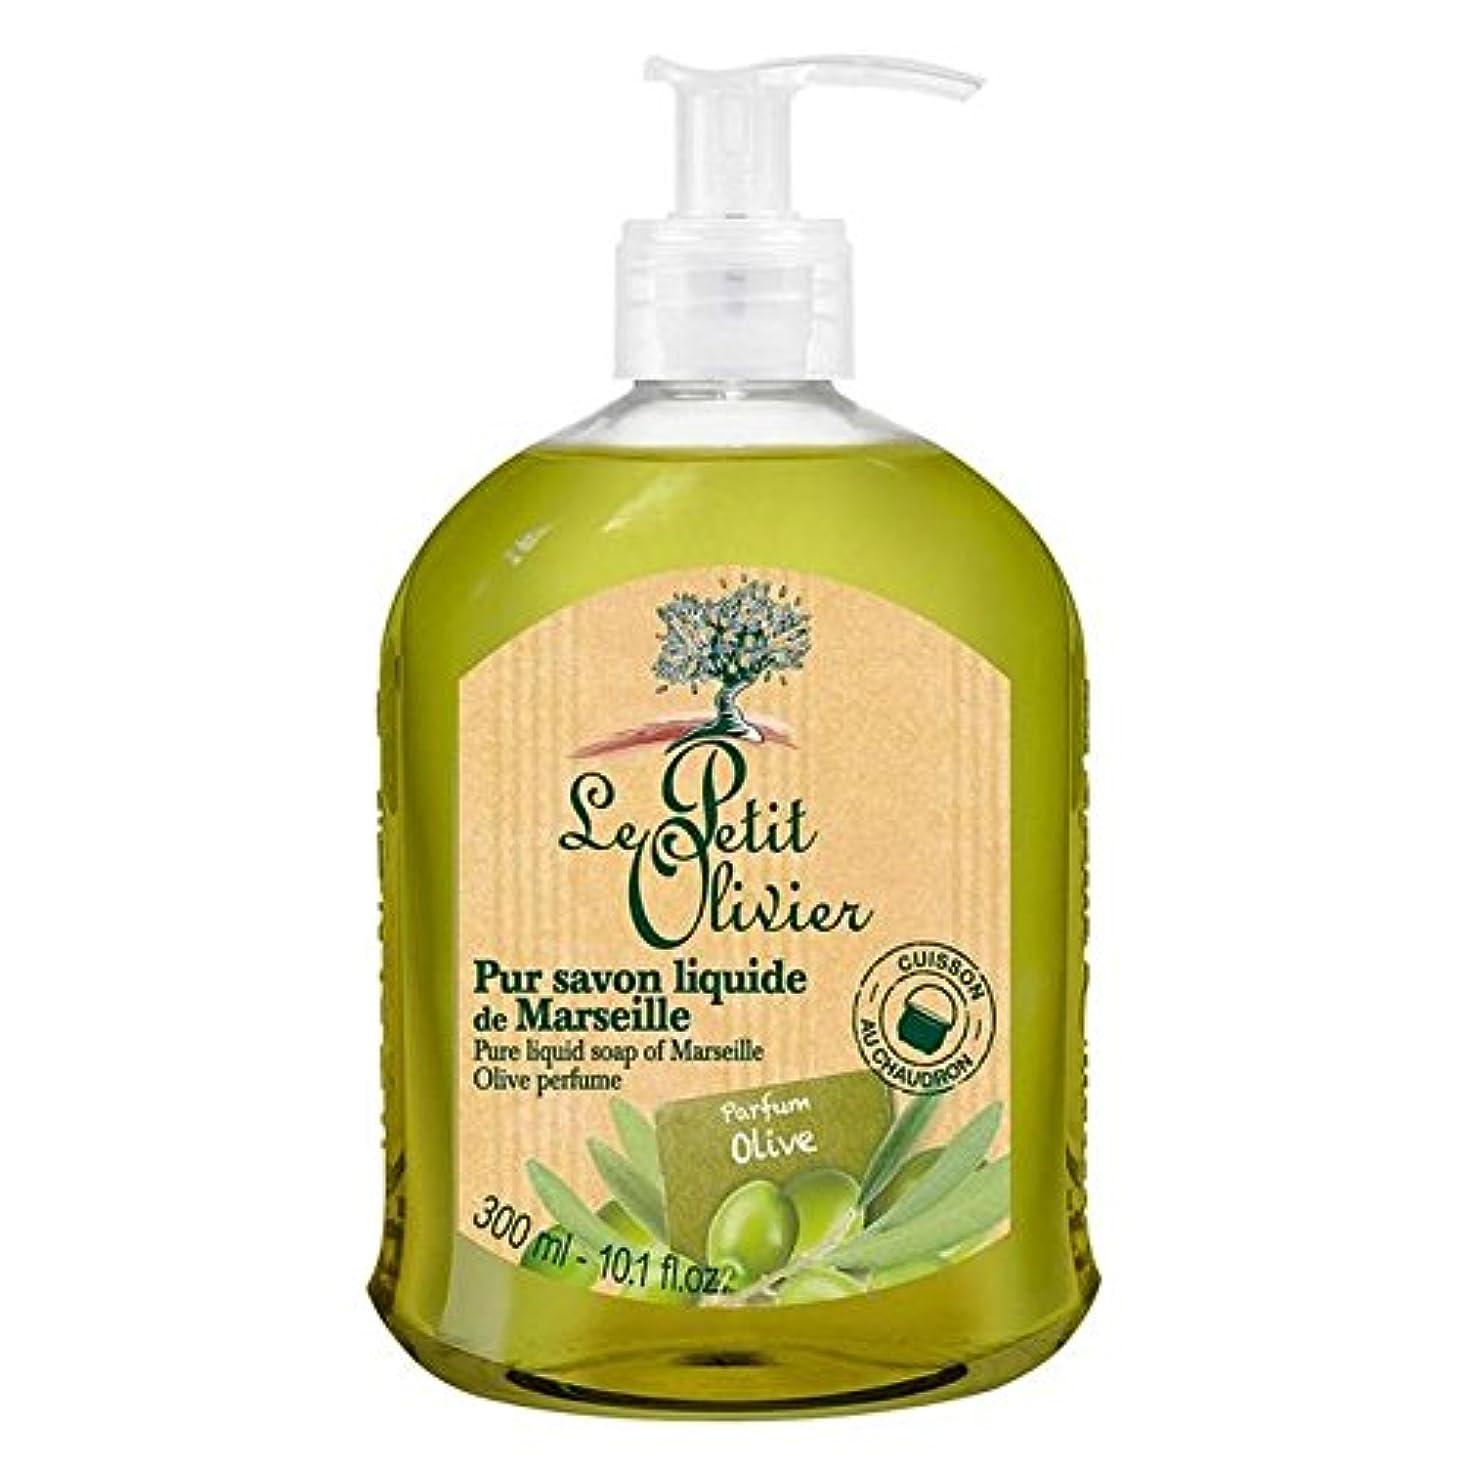 光沢のあるマウスハンディキャップLe Petit Olivier Pure Liquid Soap of Marseille, Olive Oil 300ml - マルセイユのル?プティ?オリヴィエ純粋な液体石鹸、オリーブオイル300ミリリットル [並行輸入品]